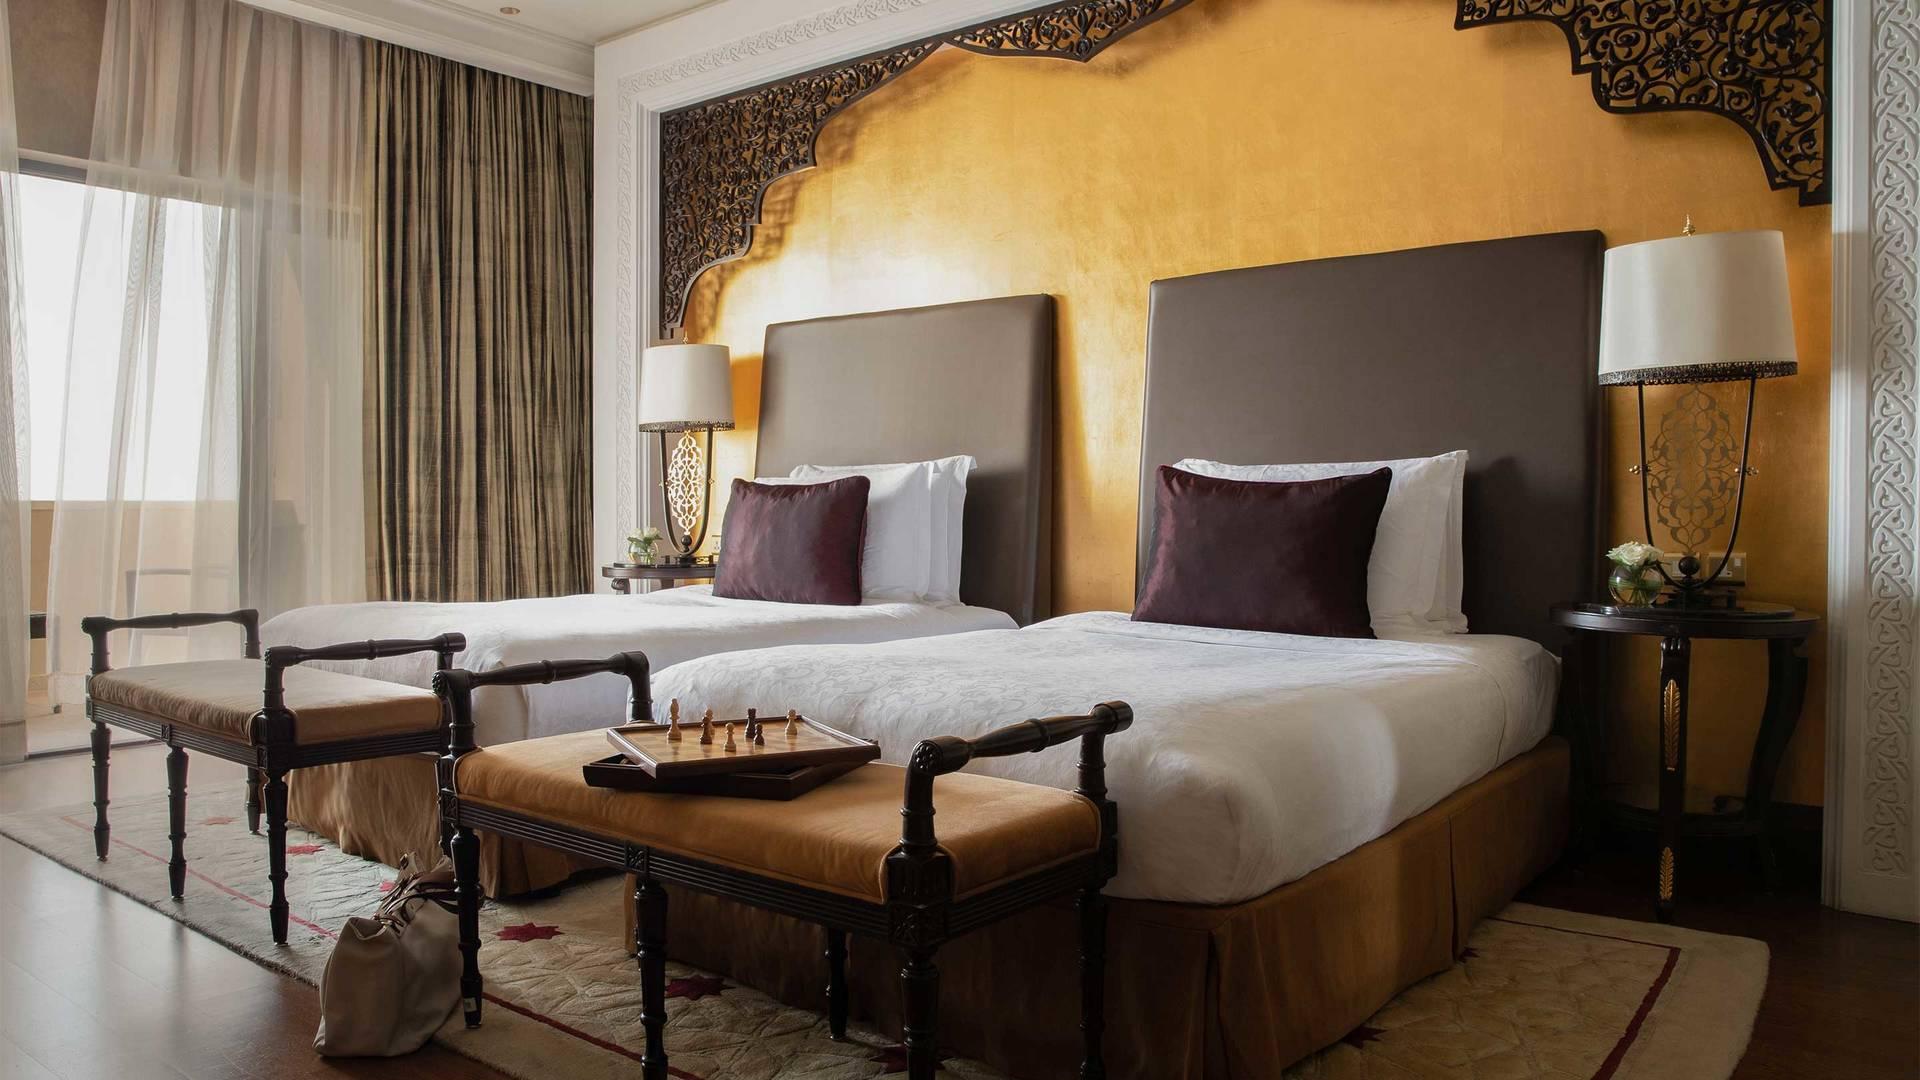 16-9 Room Jumeirah Zabeel Saray Two Bedroom-Suite Twin Bed